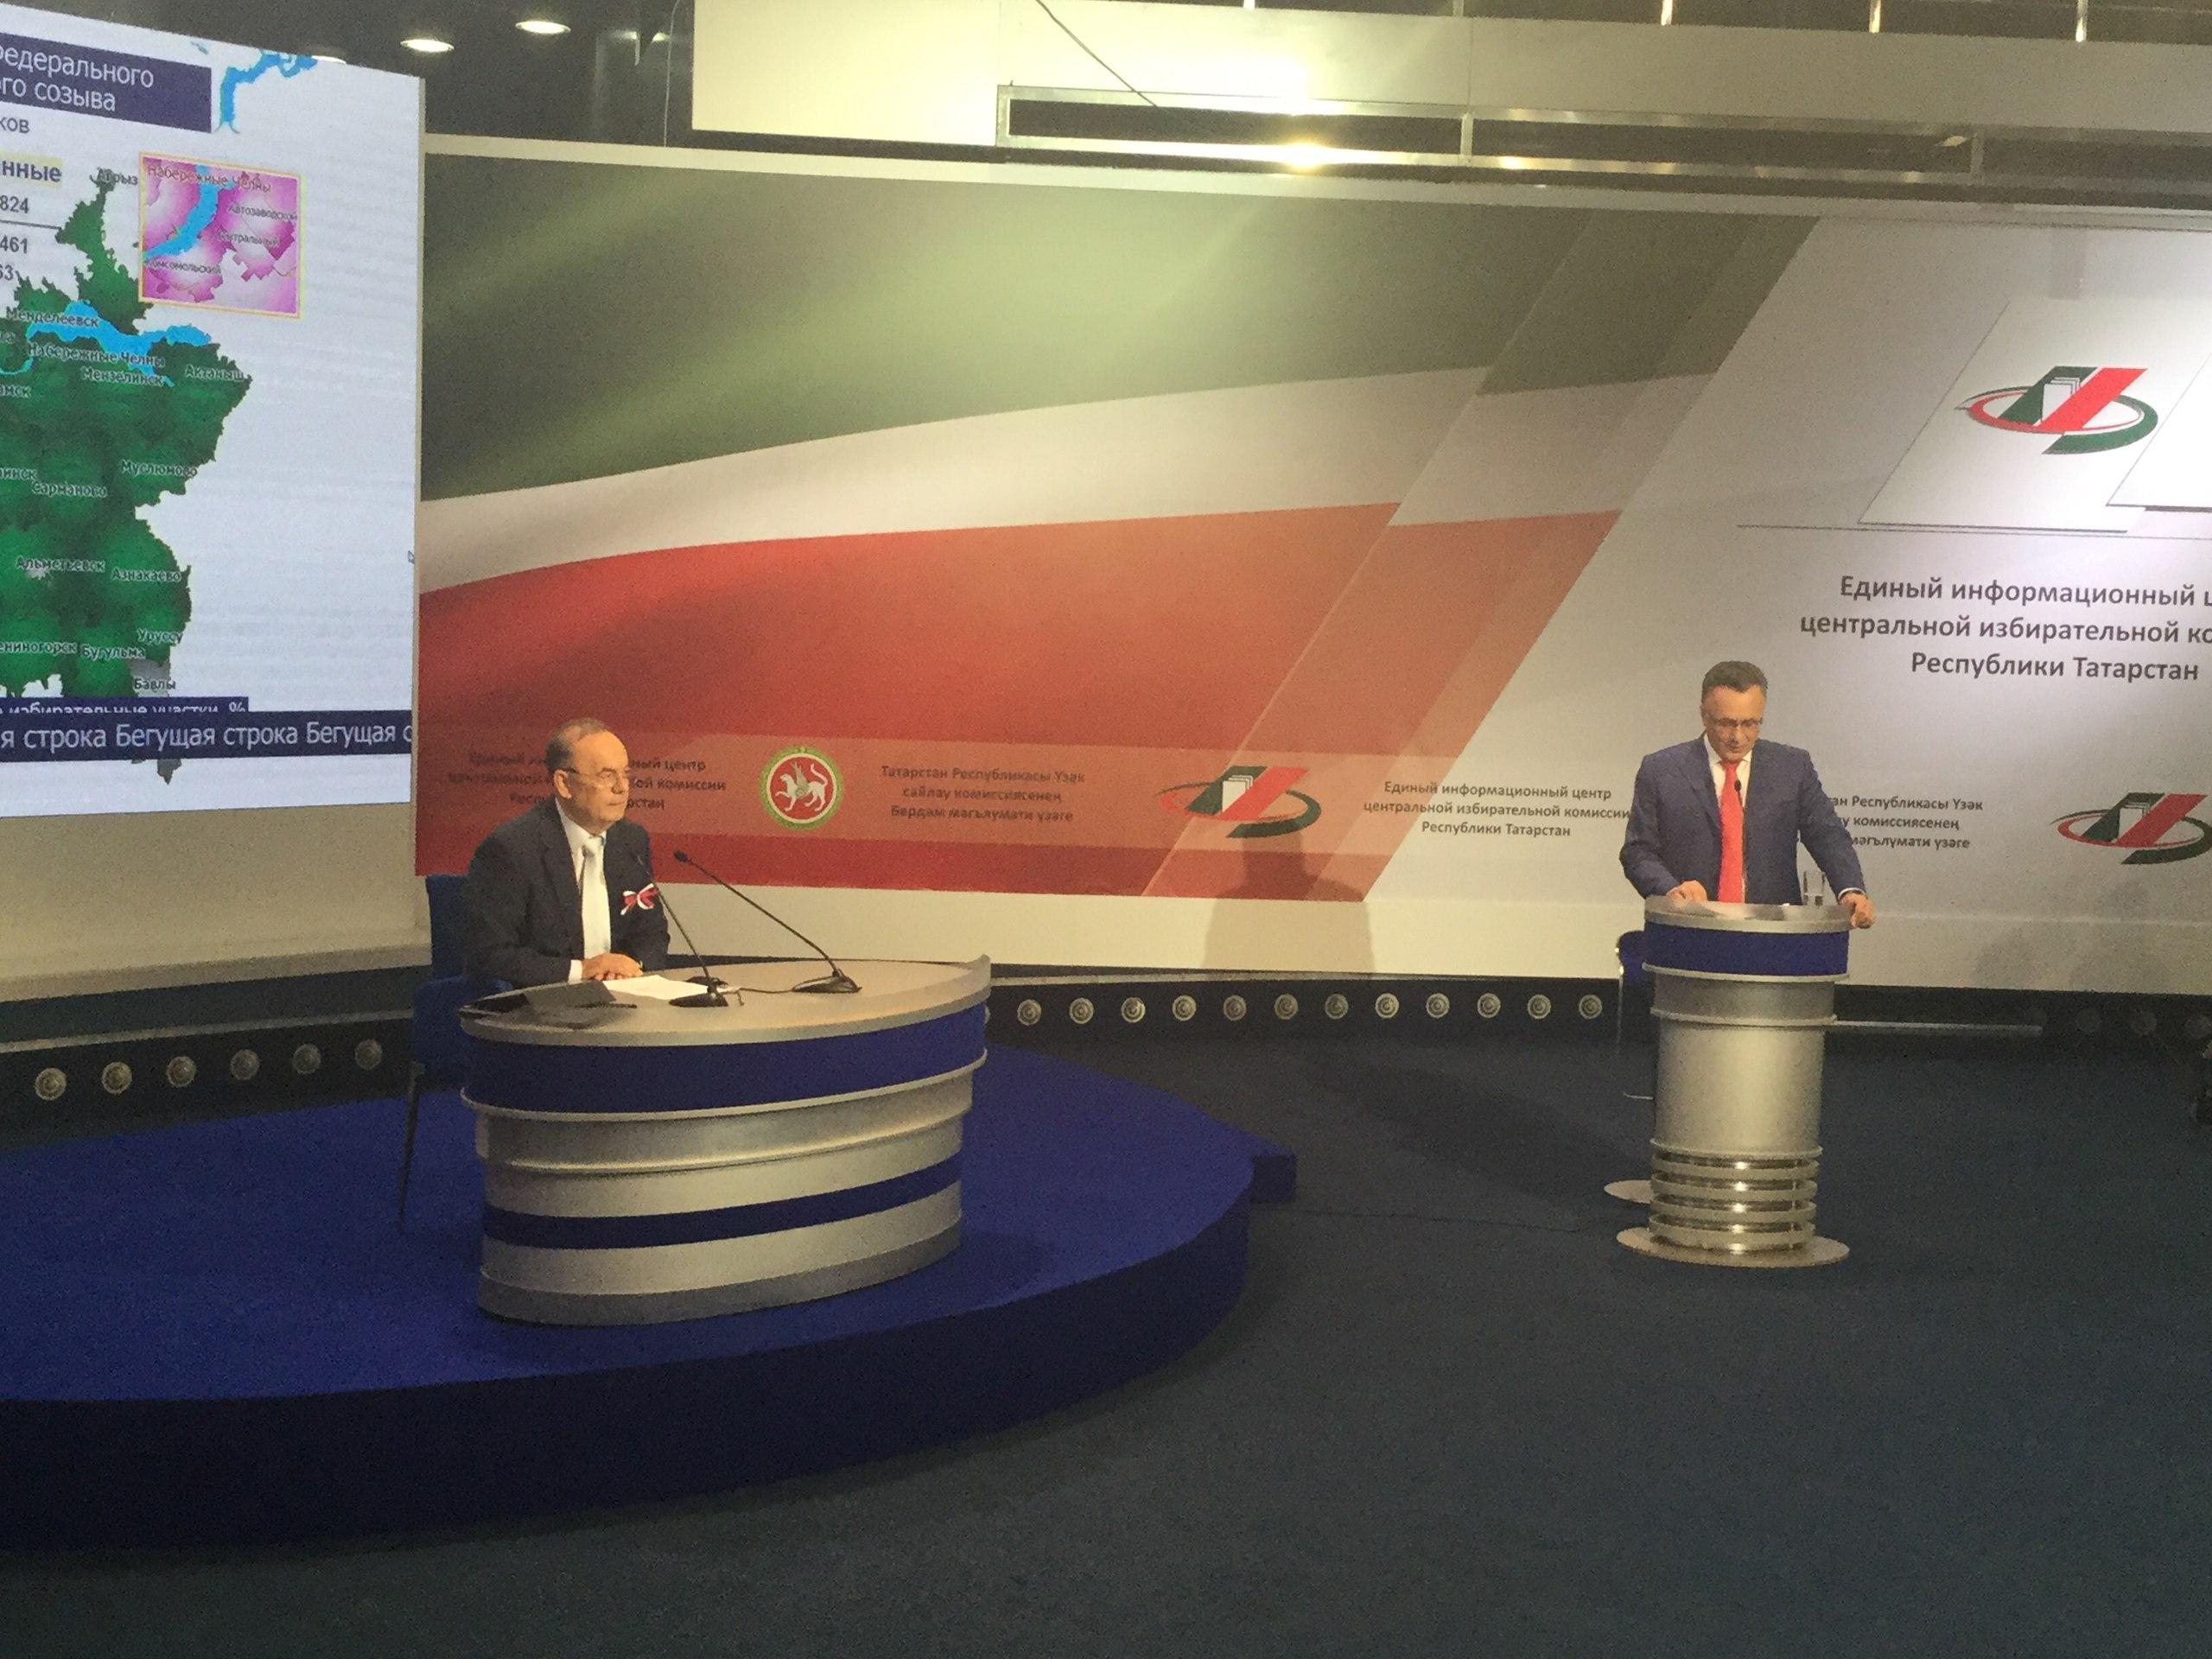 ВТатарстане навыборах в Государственную думу проголосовало 34,92% избирателей